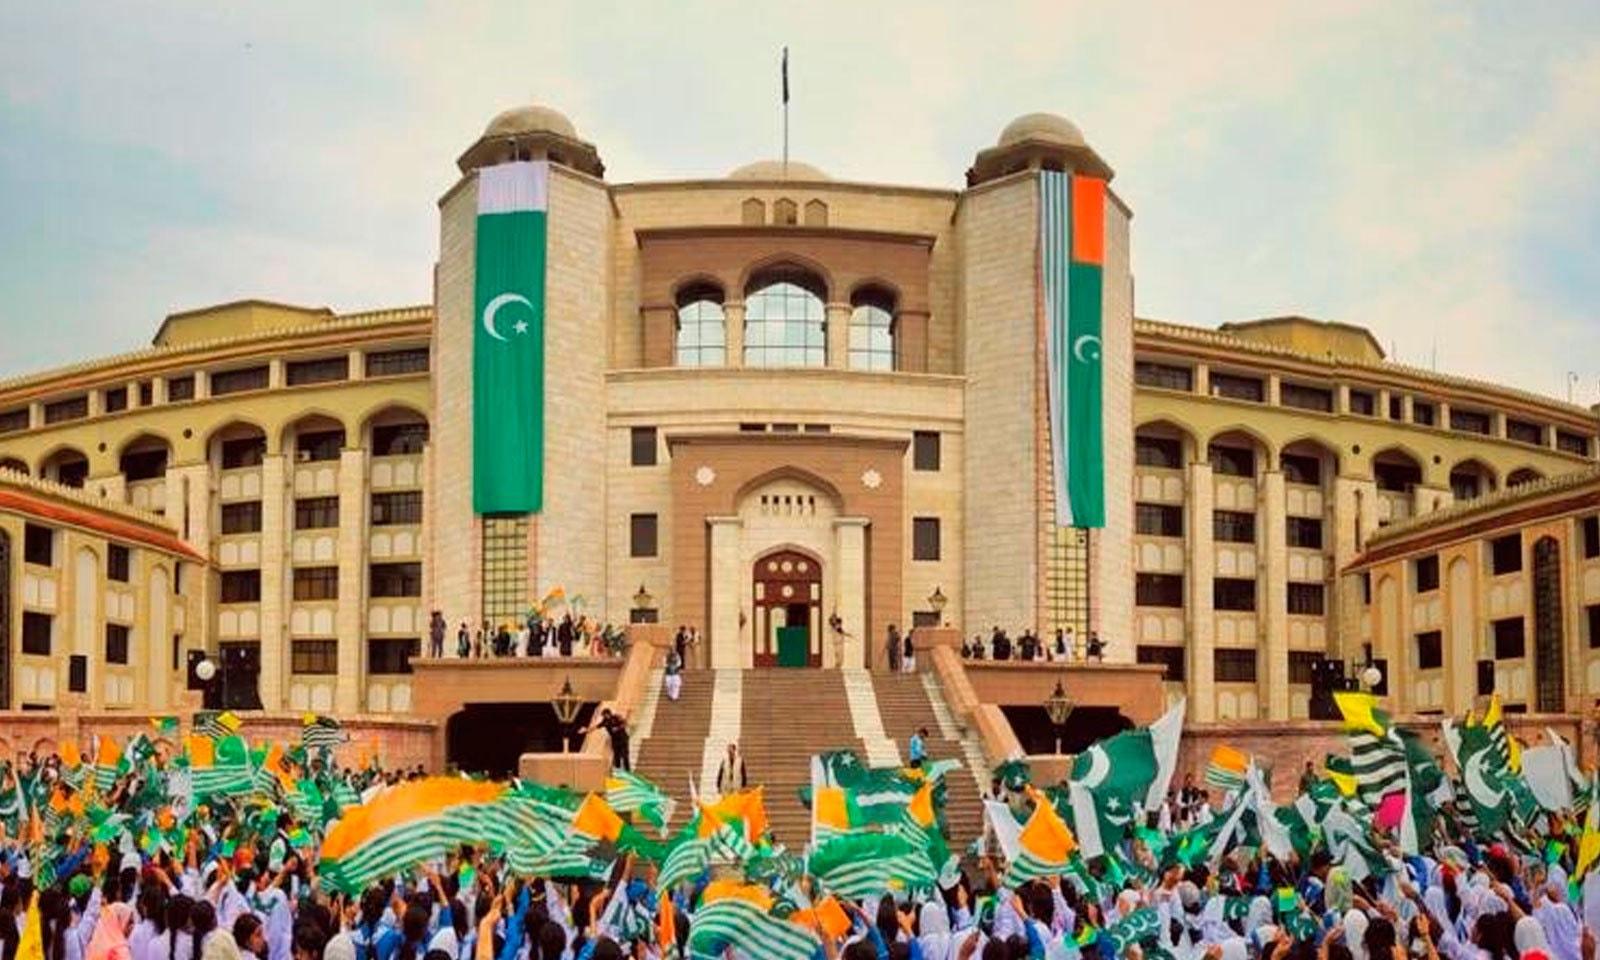 وزیراعظم  عمران خان کی اپیل پر ملک بھر میں کشمیر آور منایا  گیا — فوٹو: پی ٹی آئی ٹوئٹر